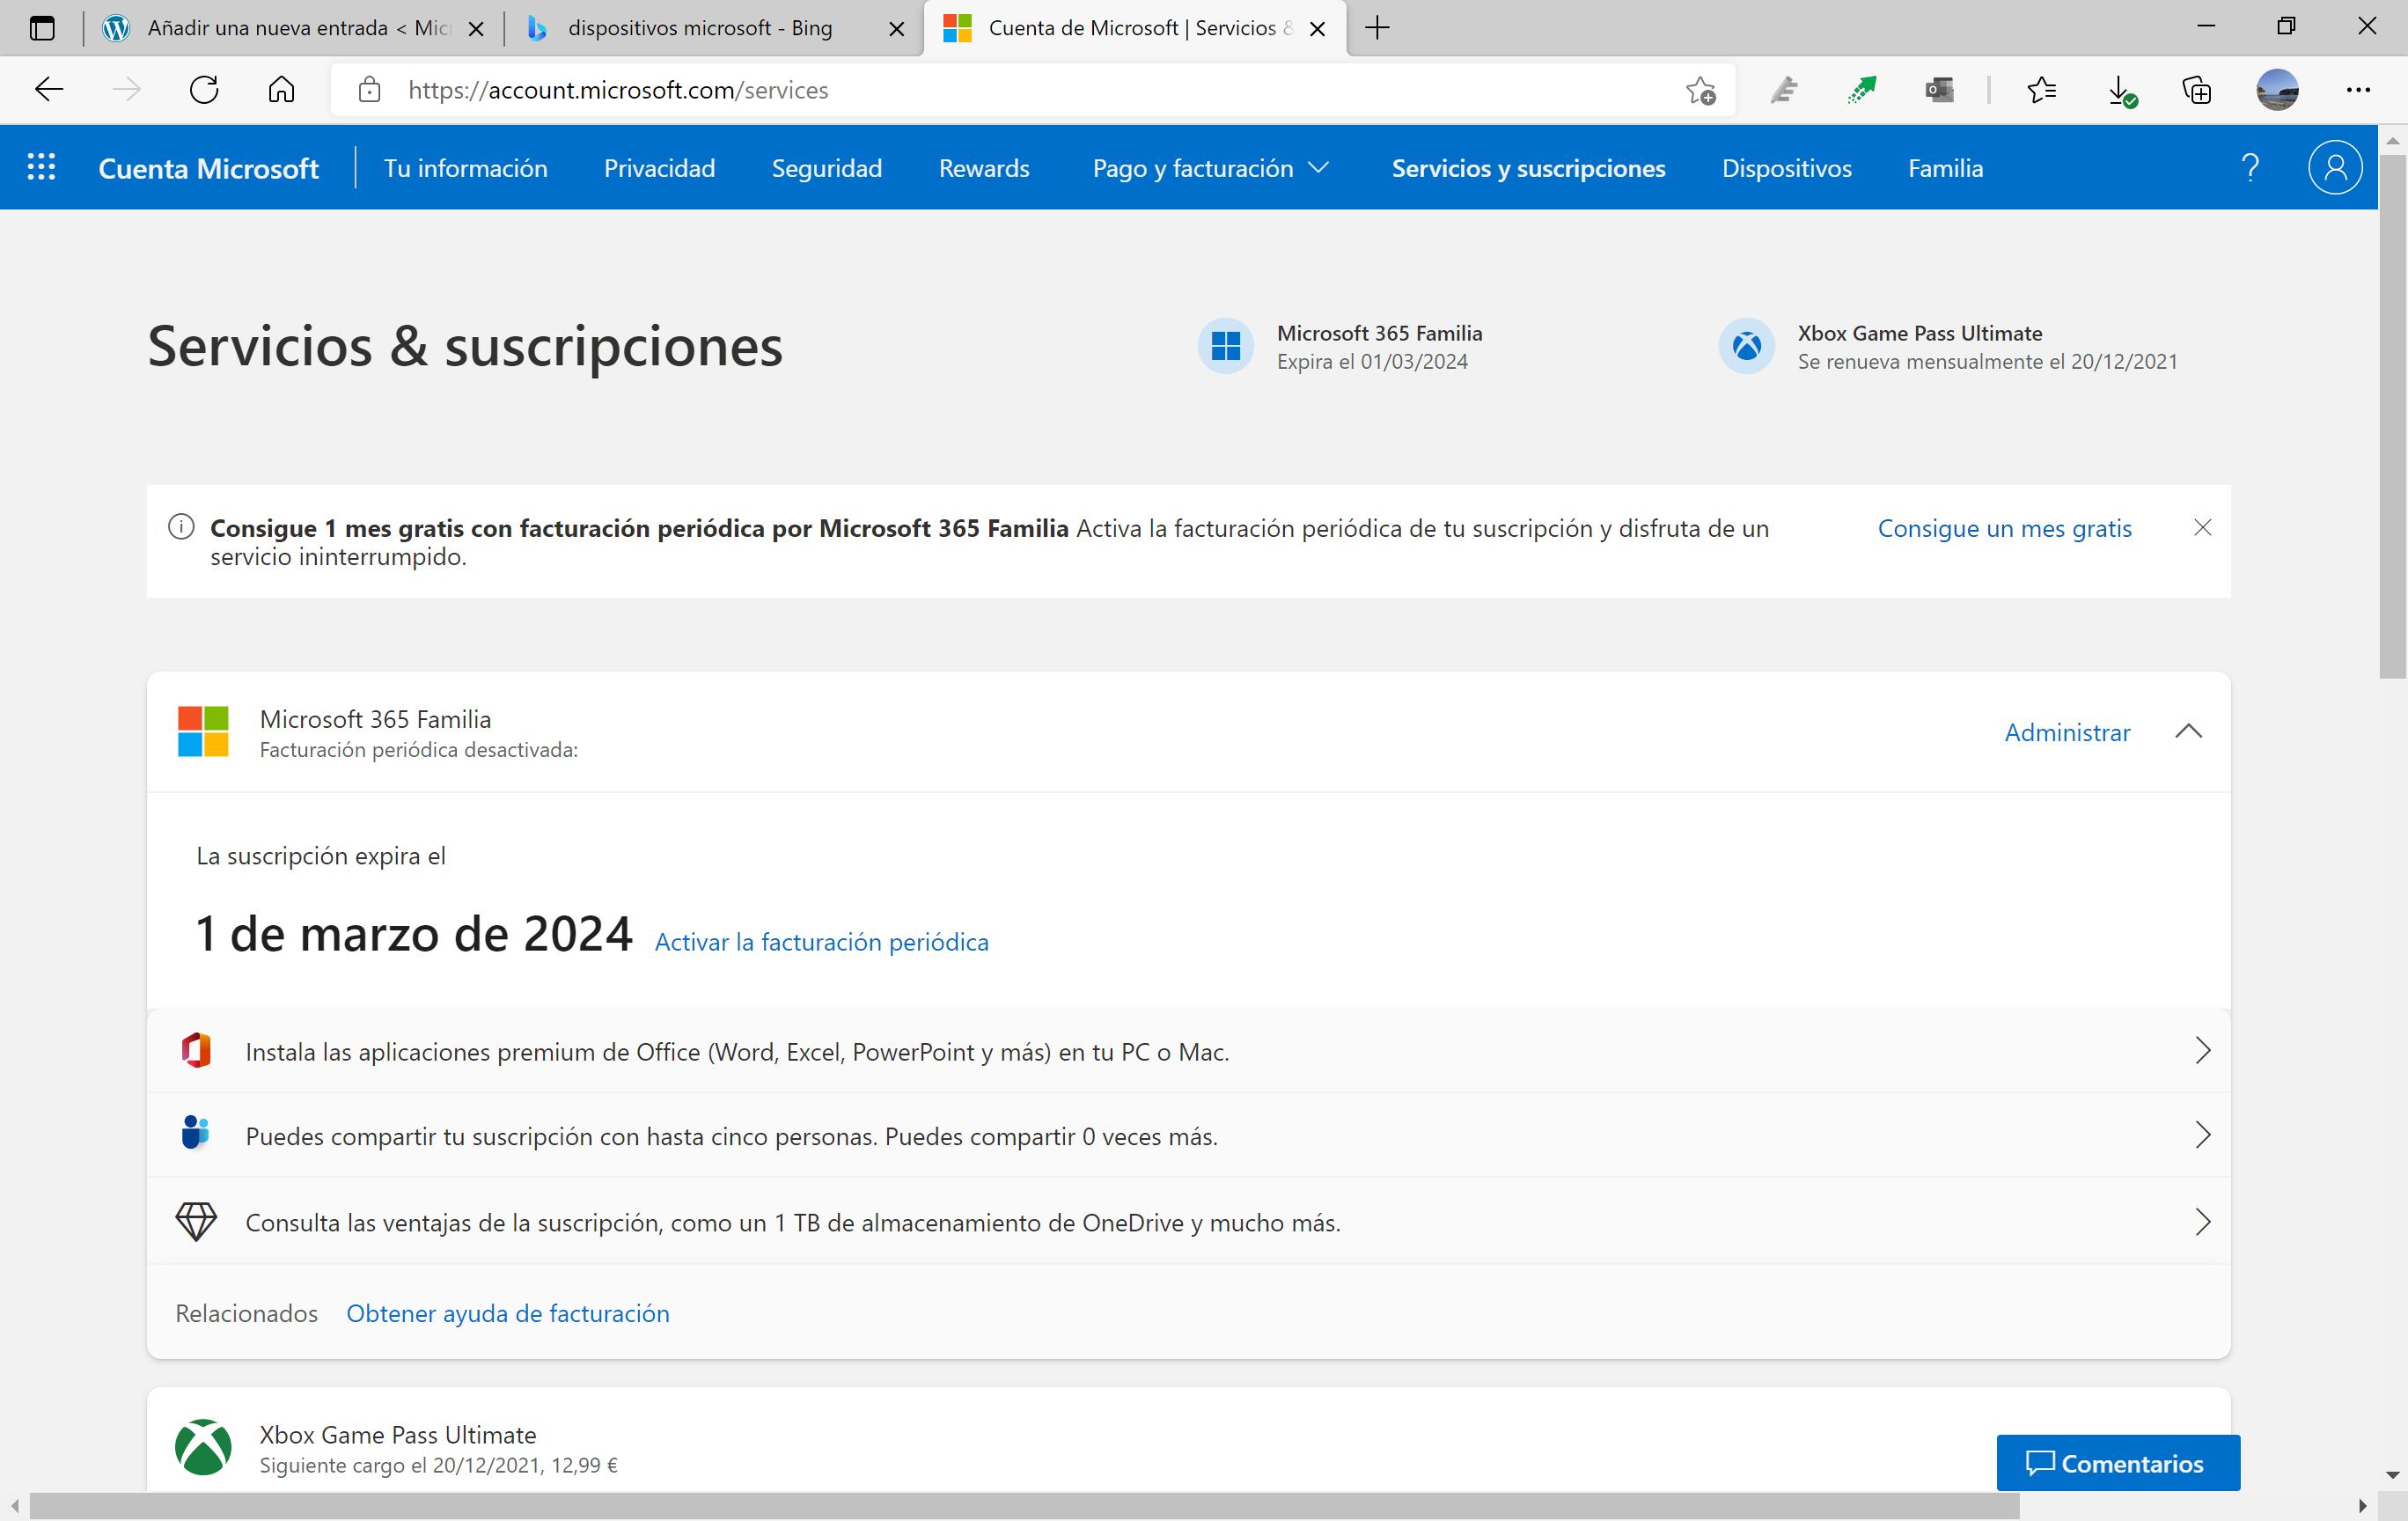 Las suscripciones en la cuenta Microsoft con el estilo de Windows 11